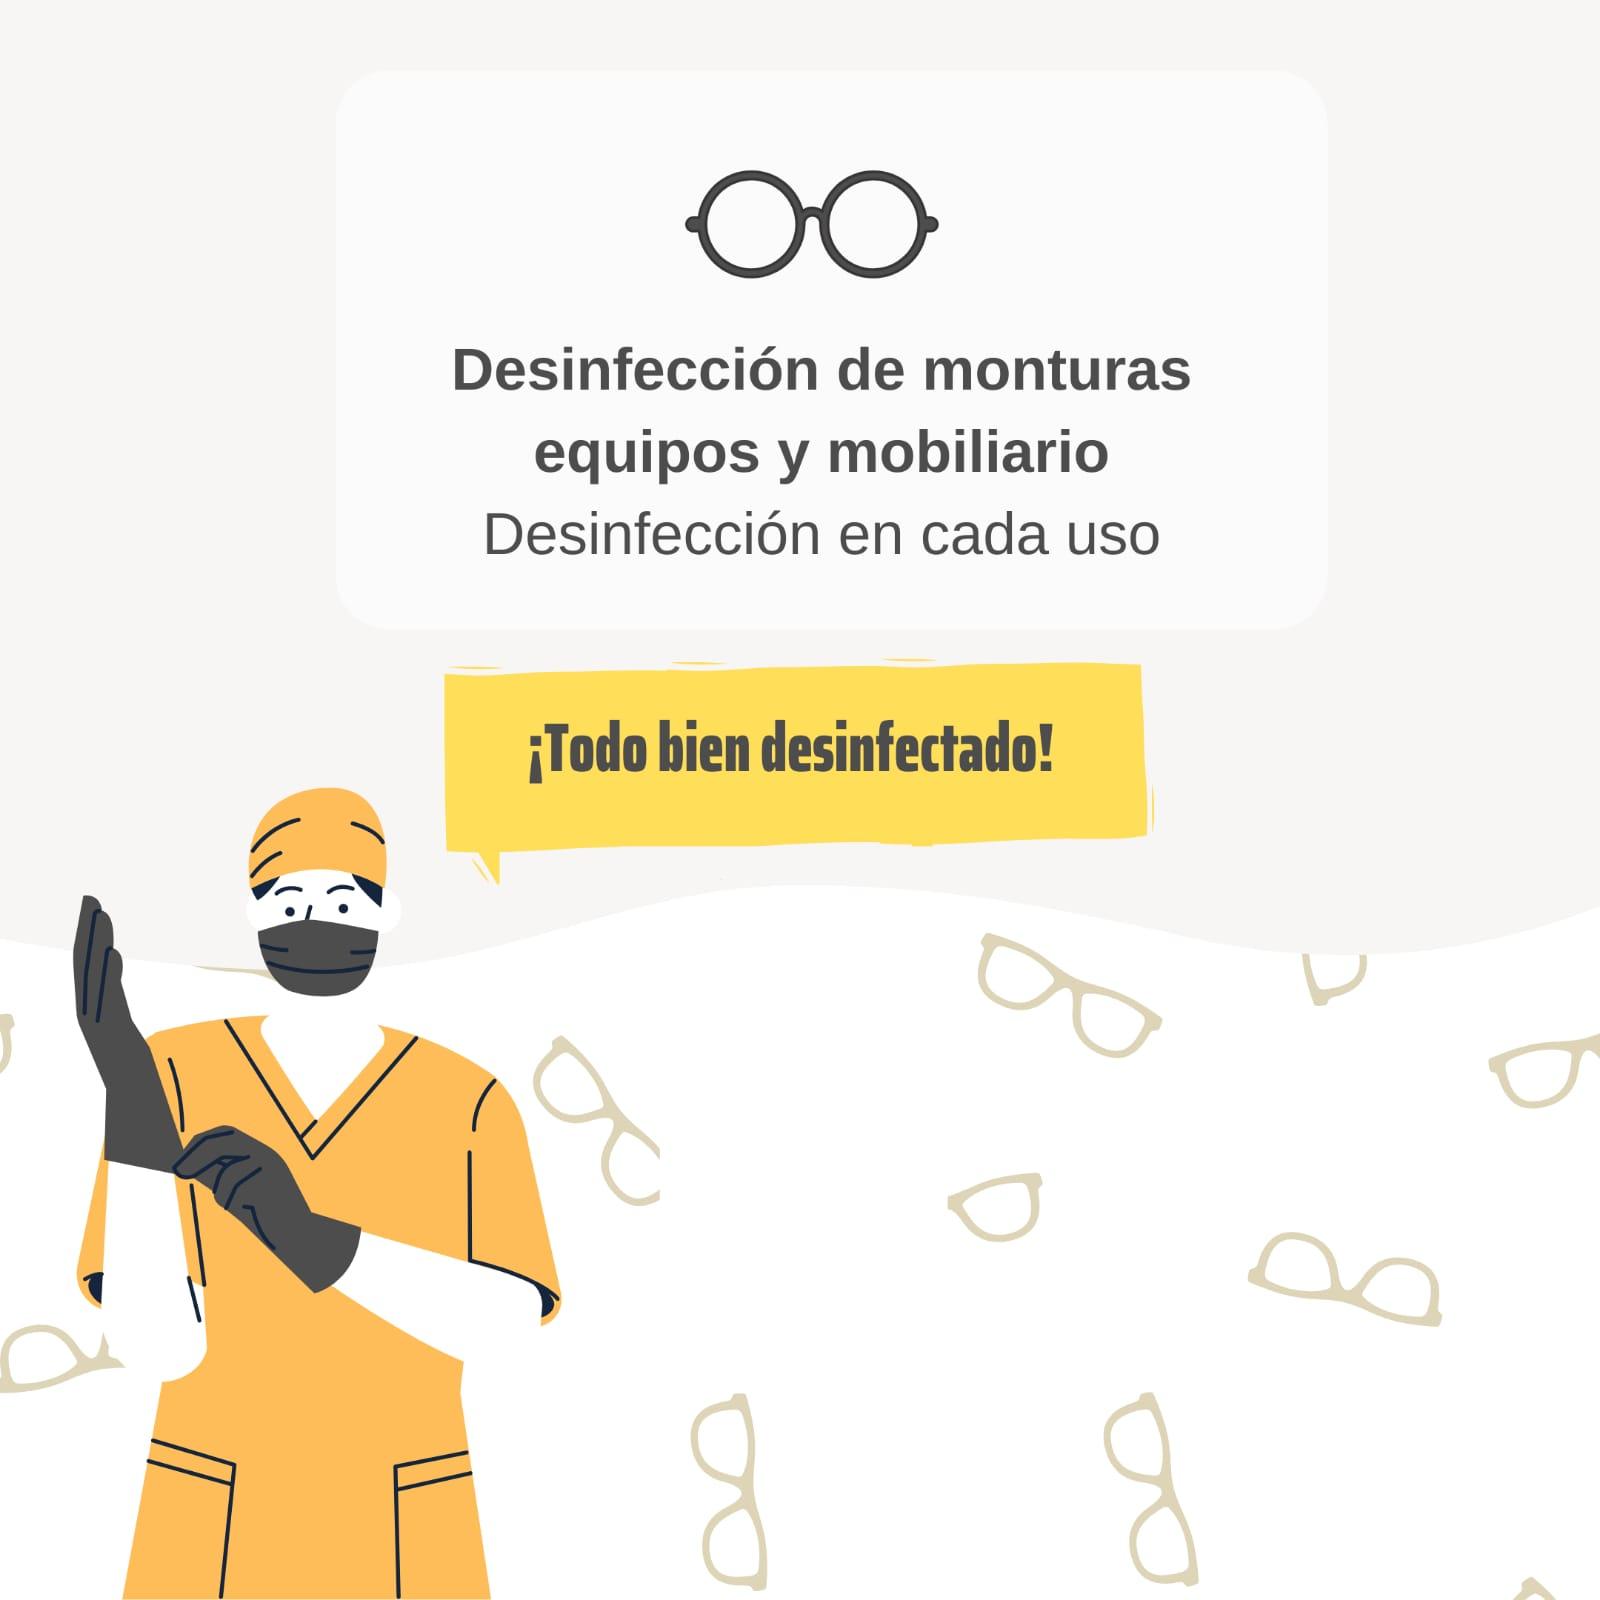 Desinfección de equipo y mobiliario